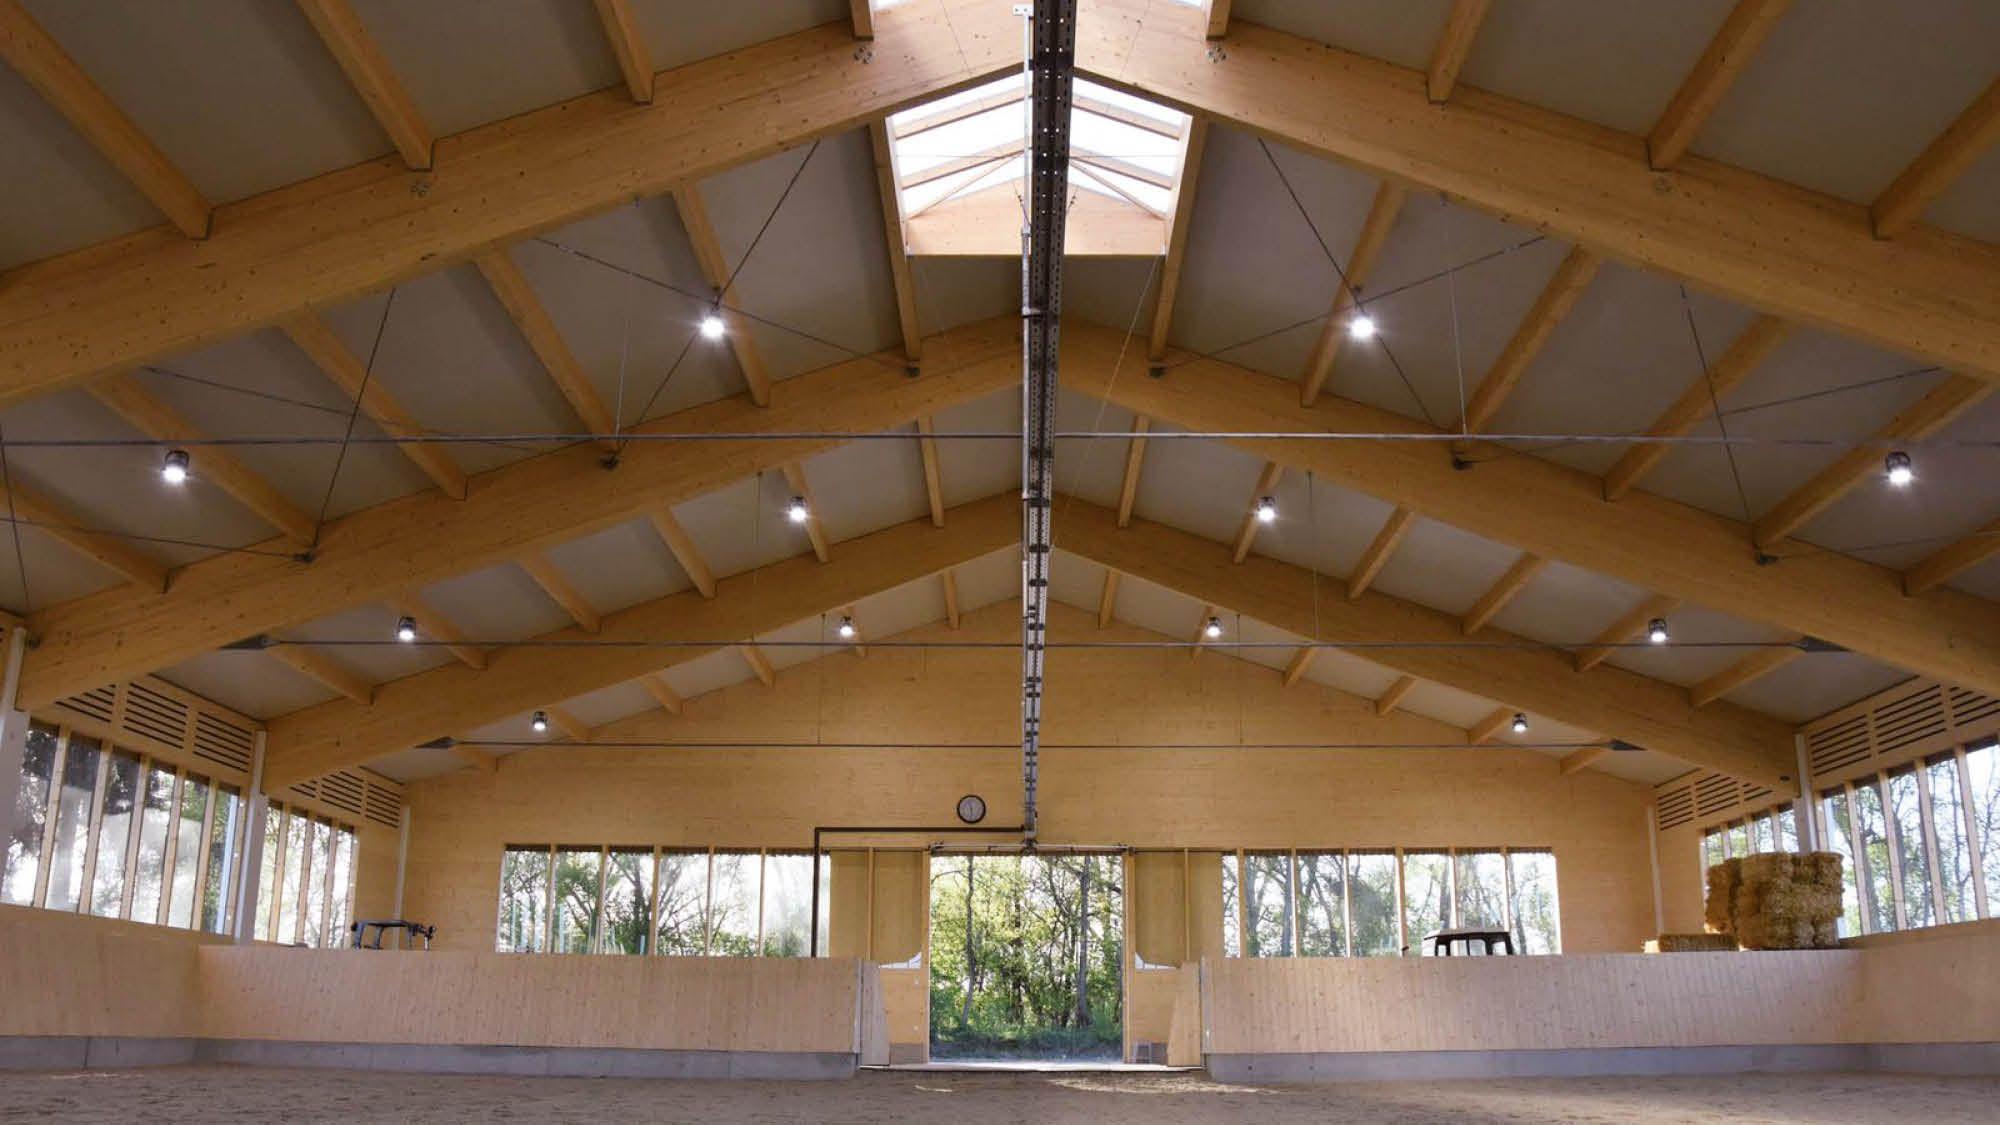 Reitstall Schweizerhof Traismauer Reithalle 2017 04 Reithalle Stalle Halle